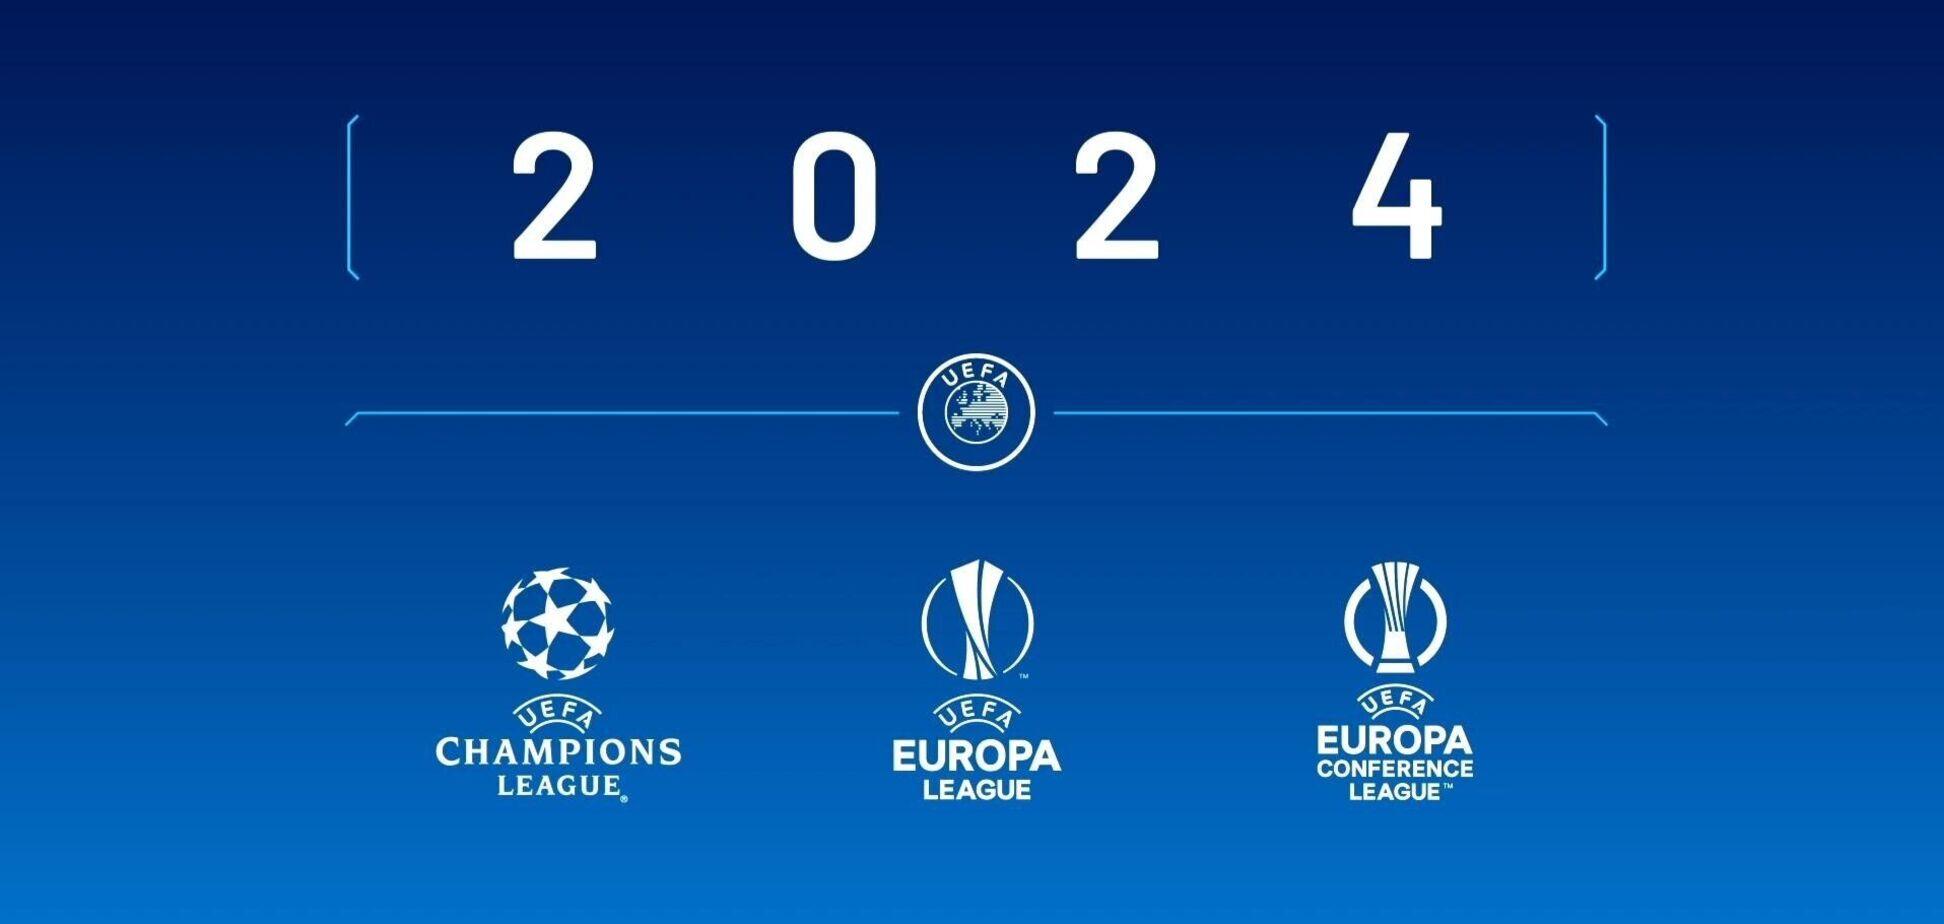 Ліга чемпіонів, Ліга Європи та Ліга конференцій